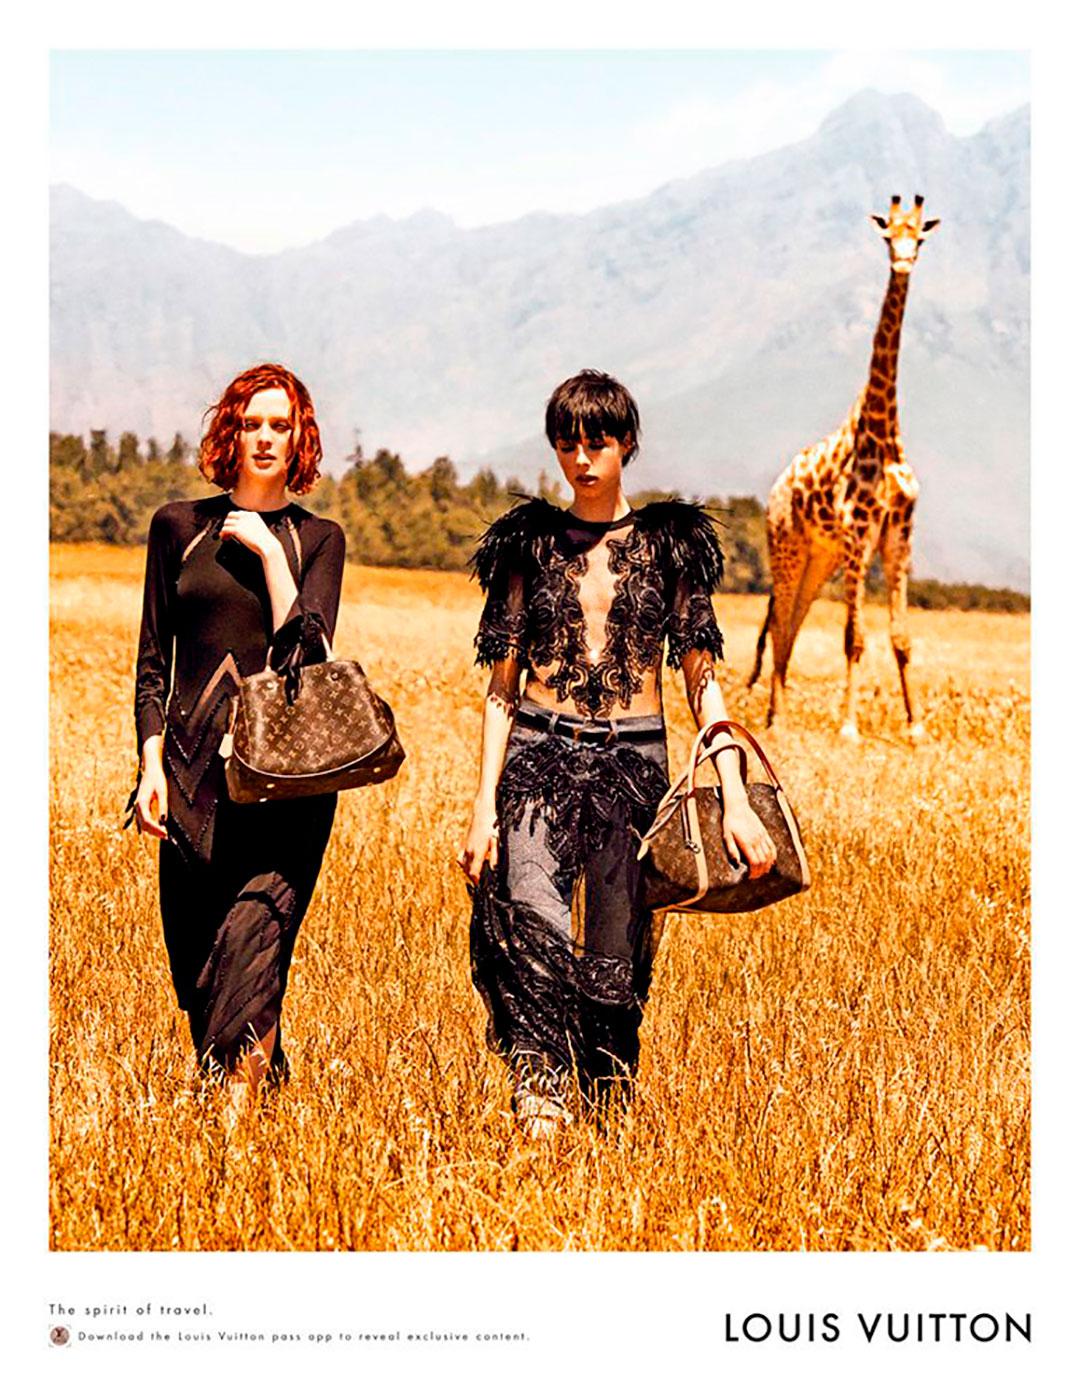 """La firma Louis Vuitton también tuvo el honor de haber realizado campañas gráficas con Peter Lindbergh. Una de ellas fue """"Spirit of travel"""", para la primavera 2014 con las modelos Edie Campbell y Karen Elson en Sudáfrica bajo el estilismo de Carine Roitfeld"""